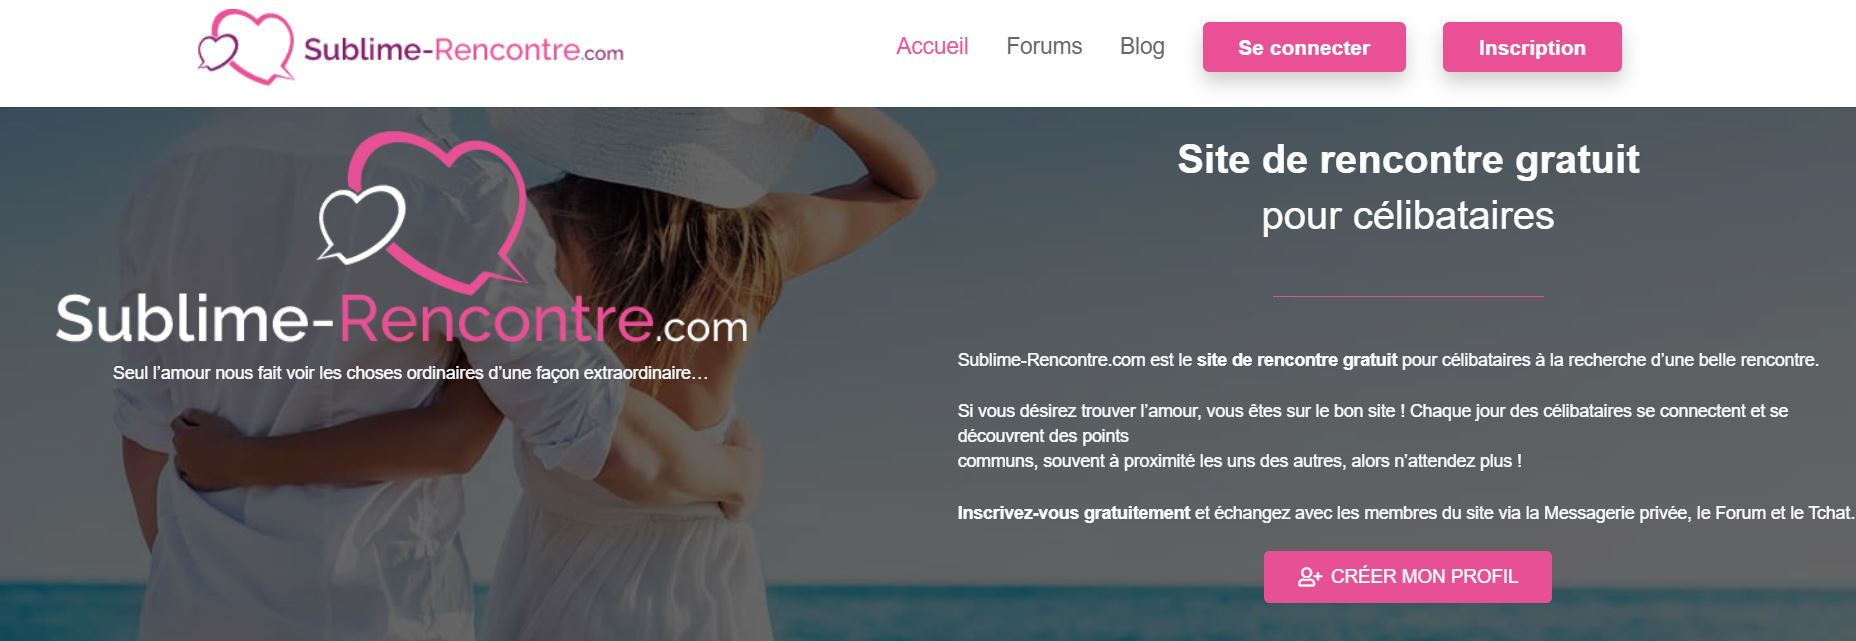 site rencontre proximité gratuit)